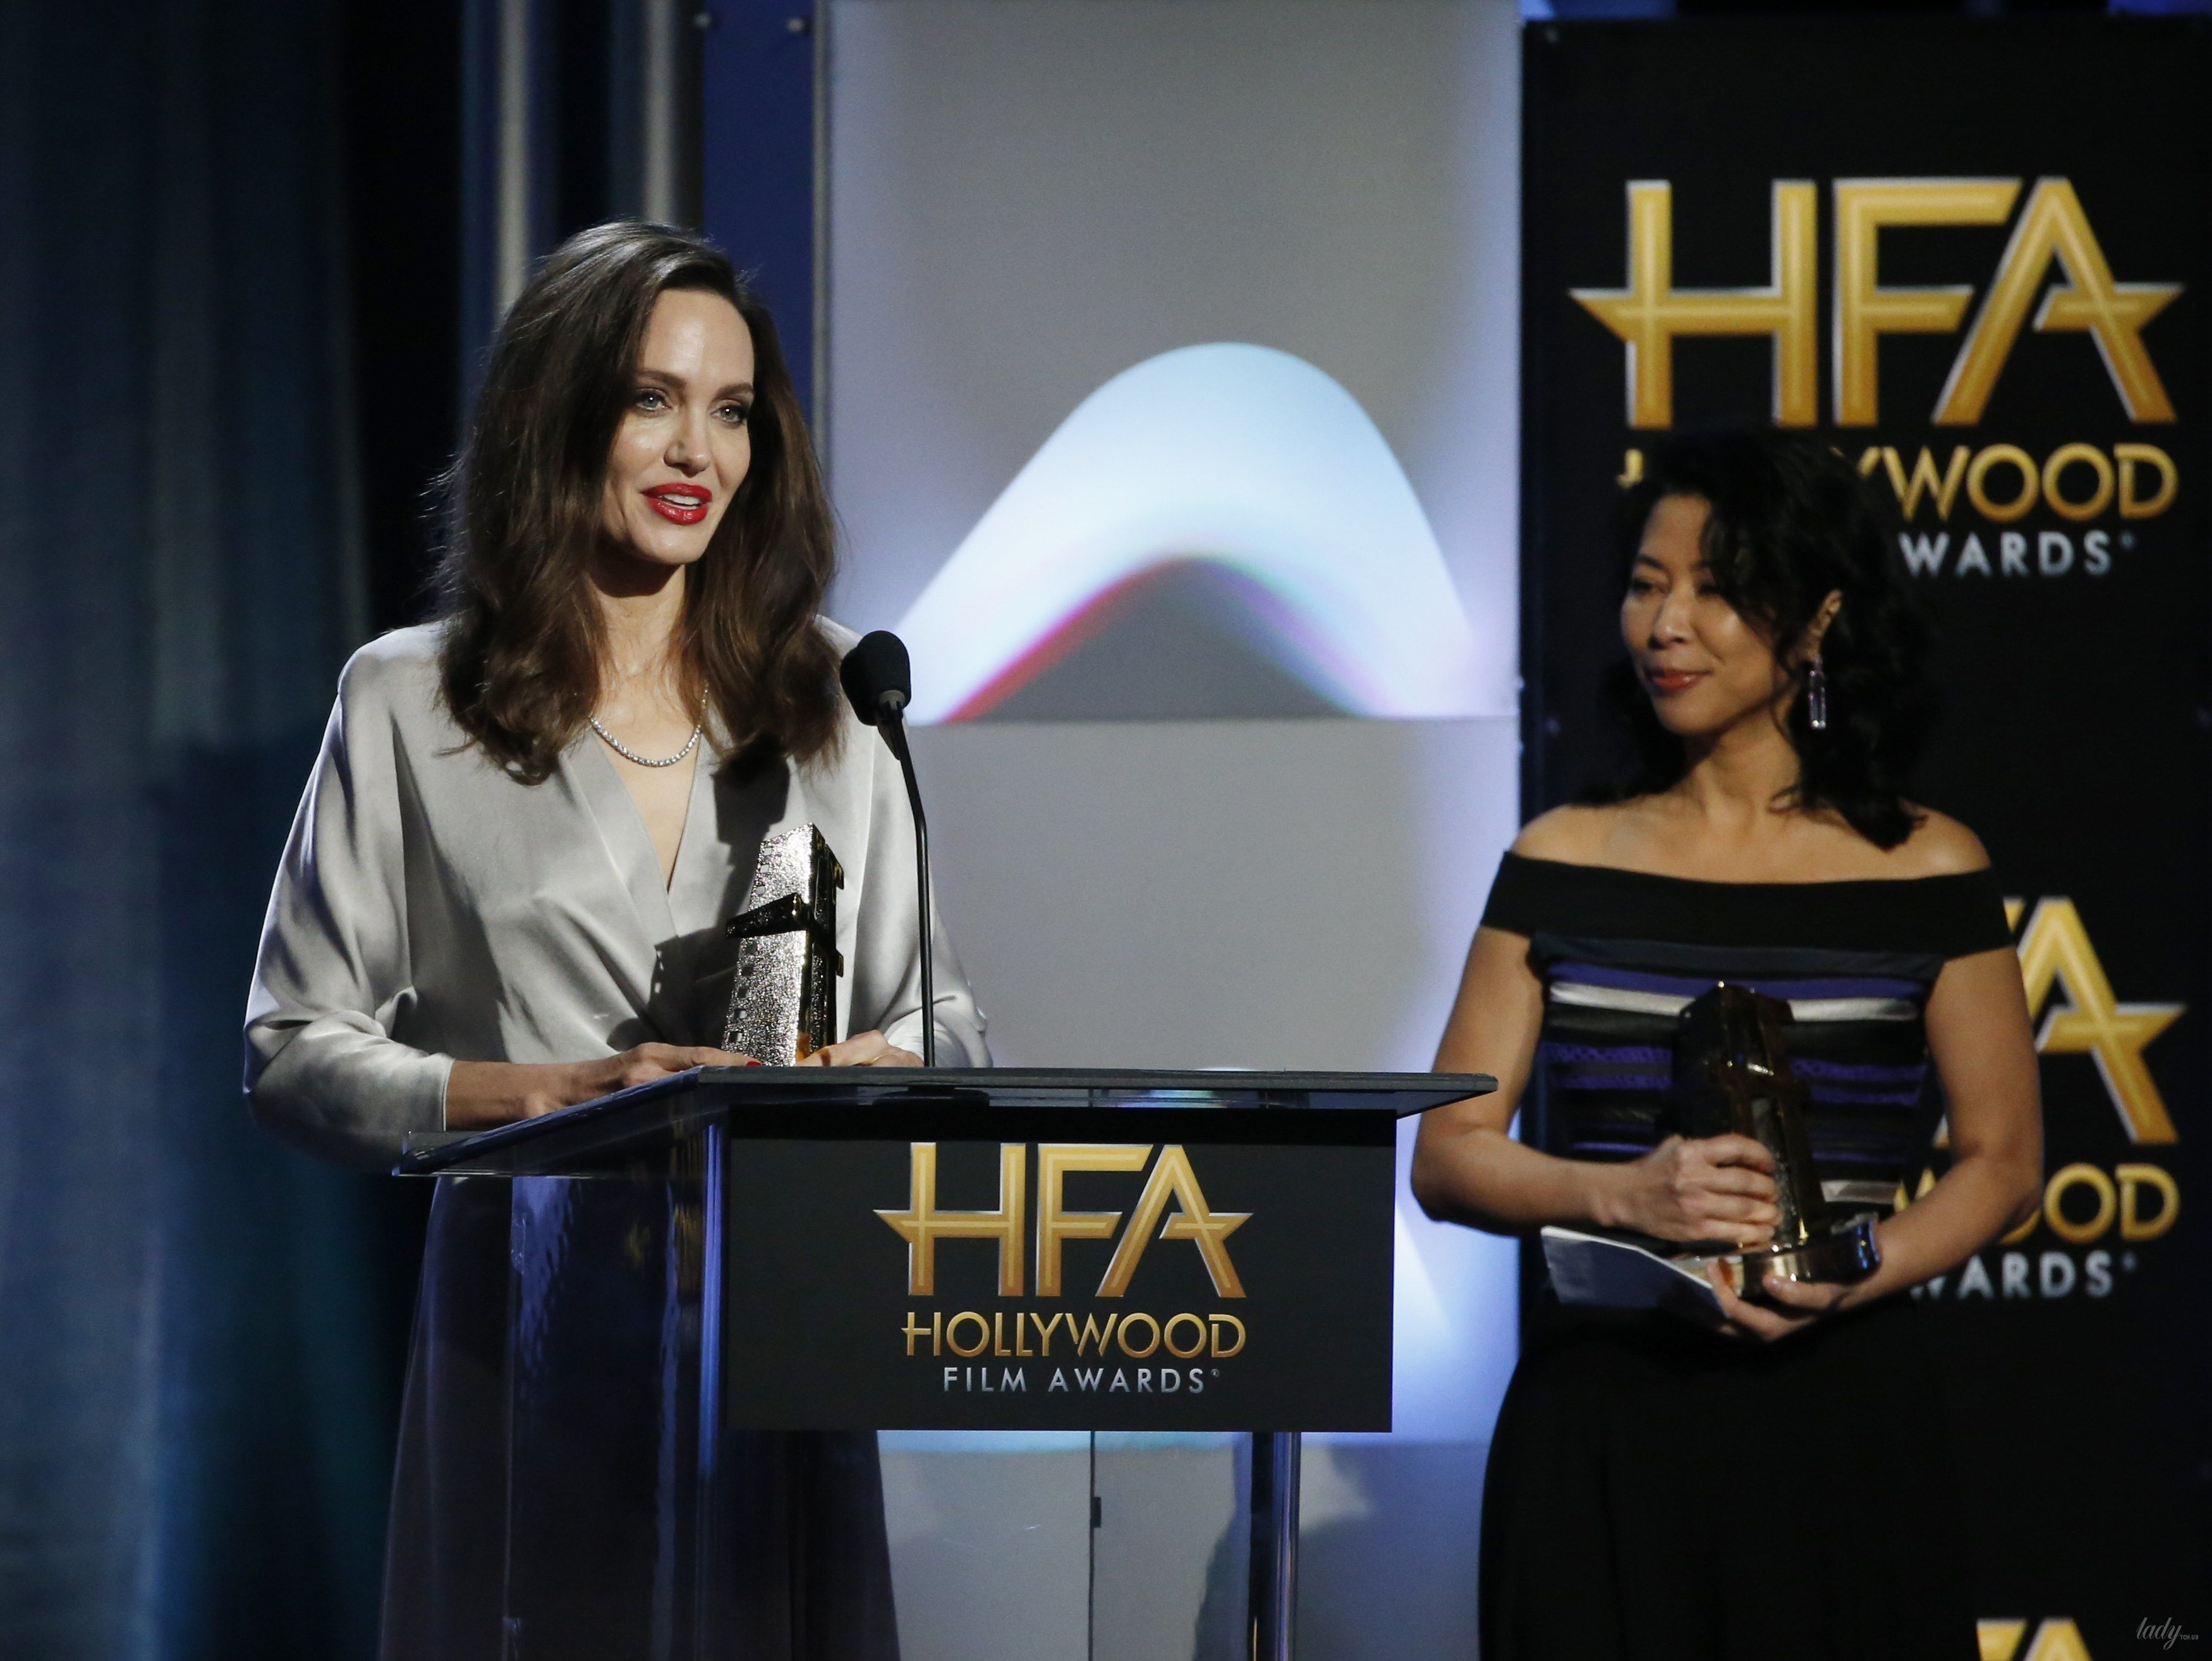 Неожиданно: Кейт Уинслет поцеловалась сЭллисон Дженни наHollywood Film Awards